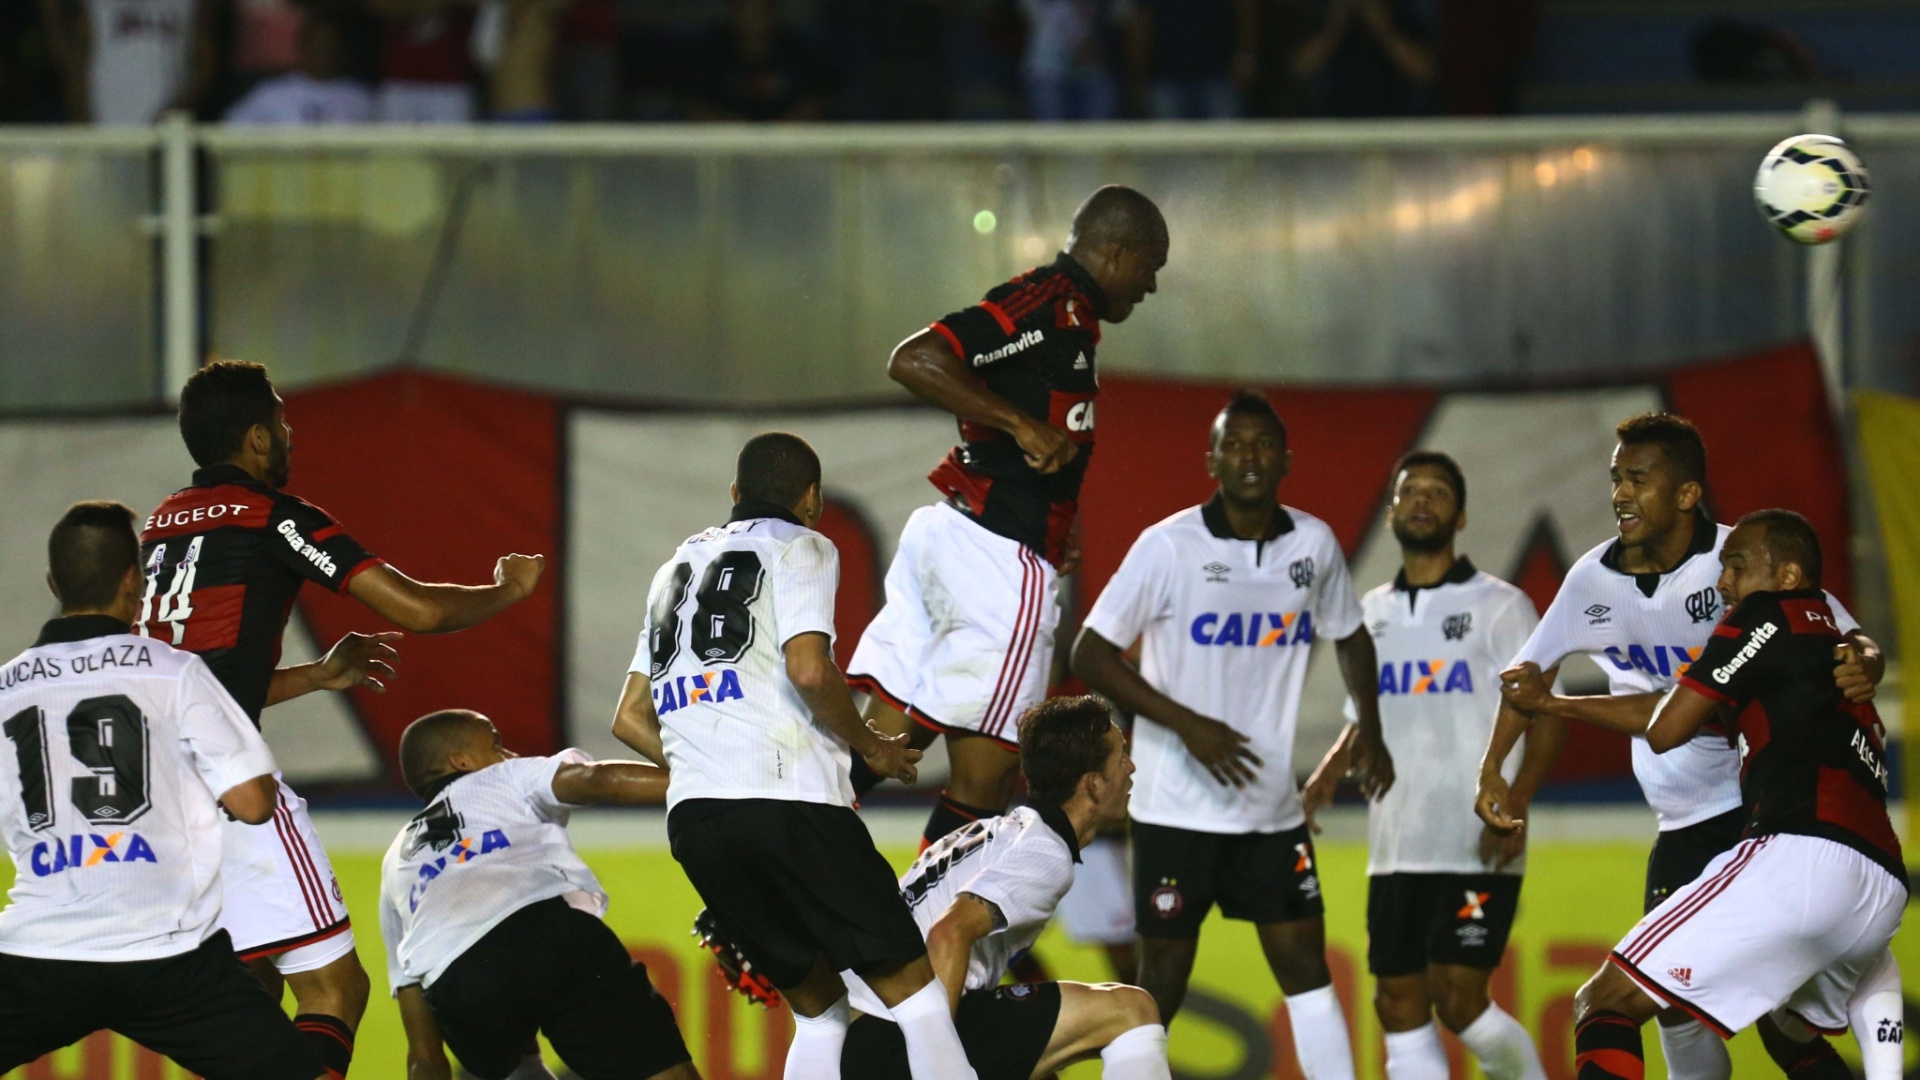 16.jul.2014- Samir salta para empatar para o Flamengo contra o Atlético-PR no Moacyrzão, em Macaé